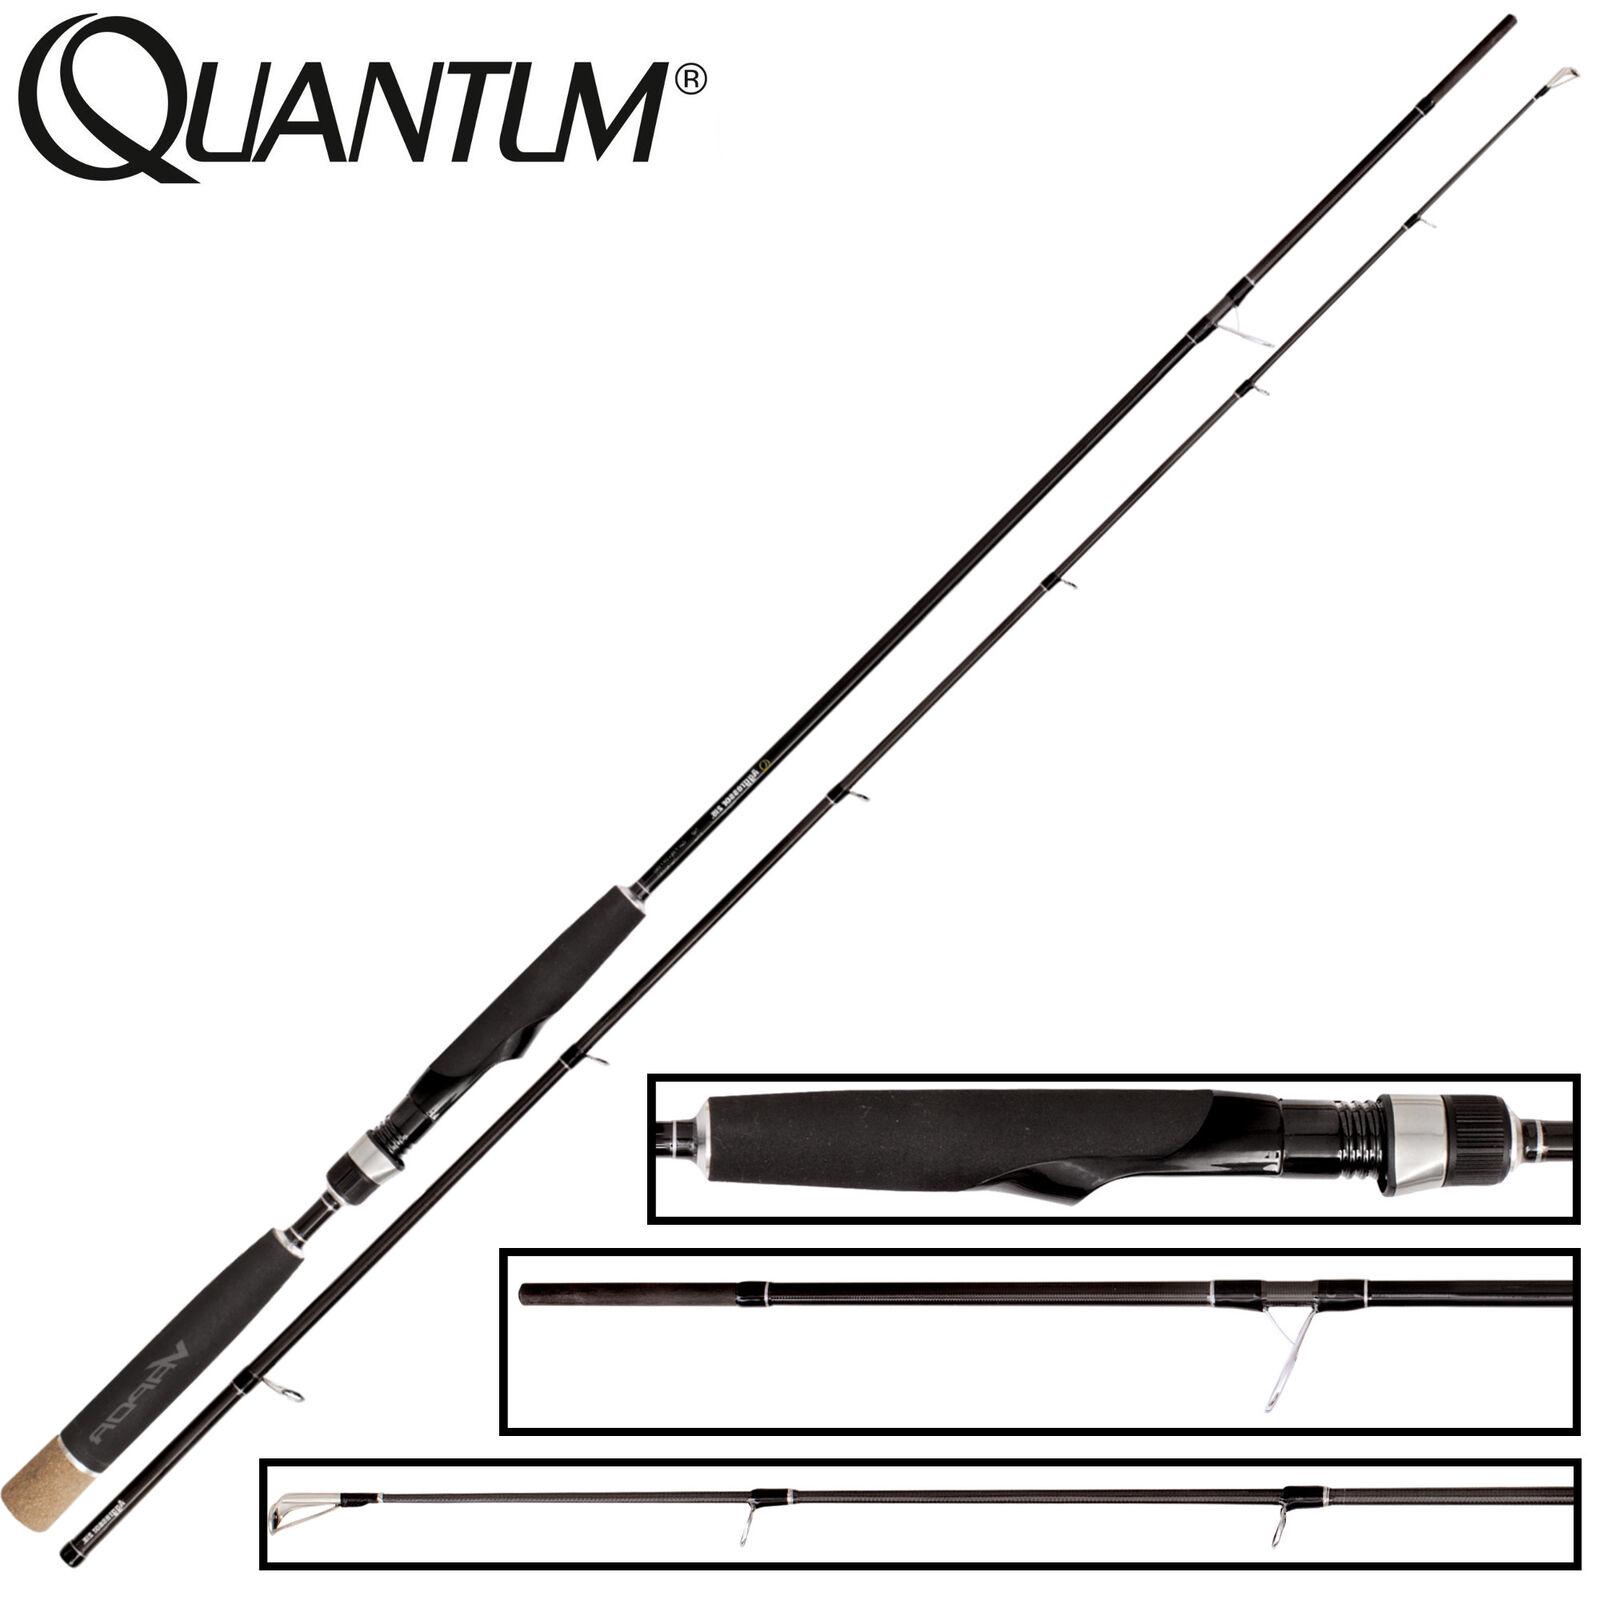 Quantum Quantum Quantum Vapor Aggressor Medium Lure 215cm 7-35g - Spinnrute, Barschrute, Jigrute 68cd4f